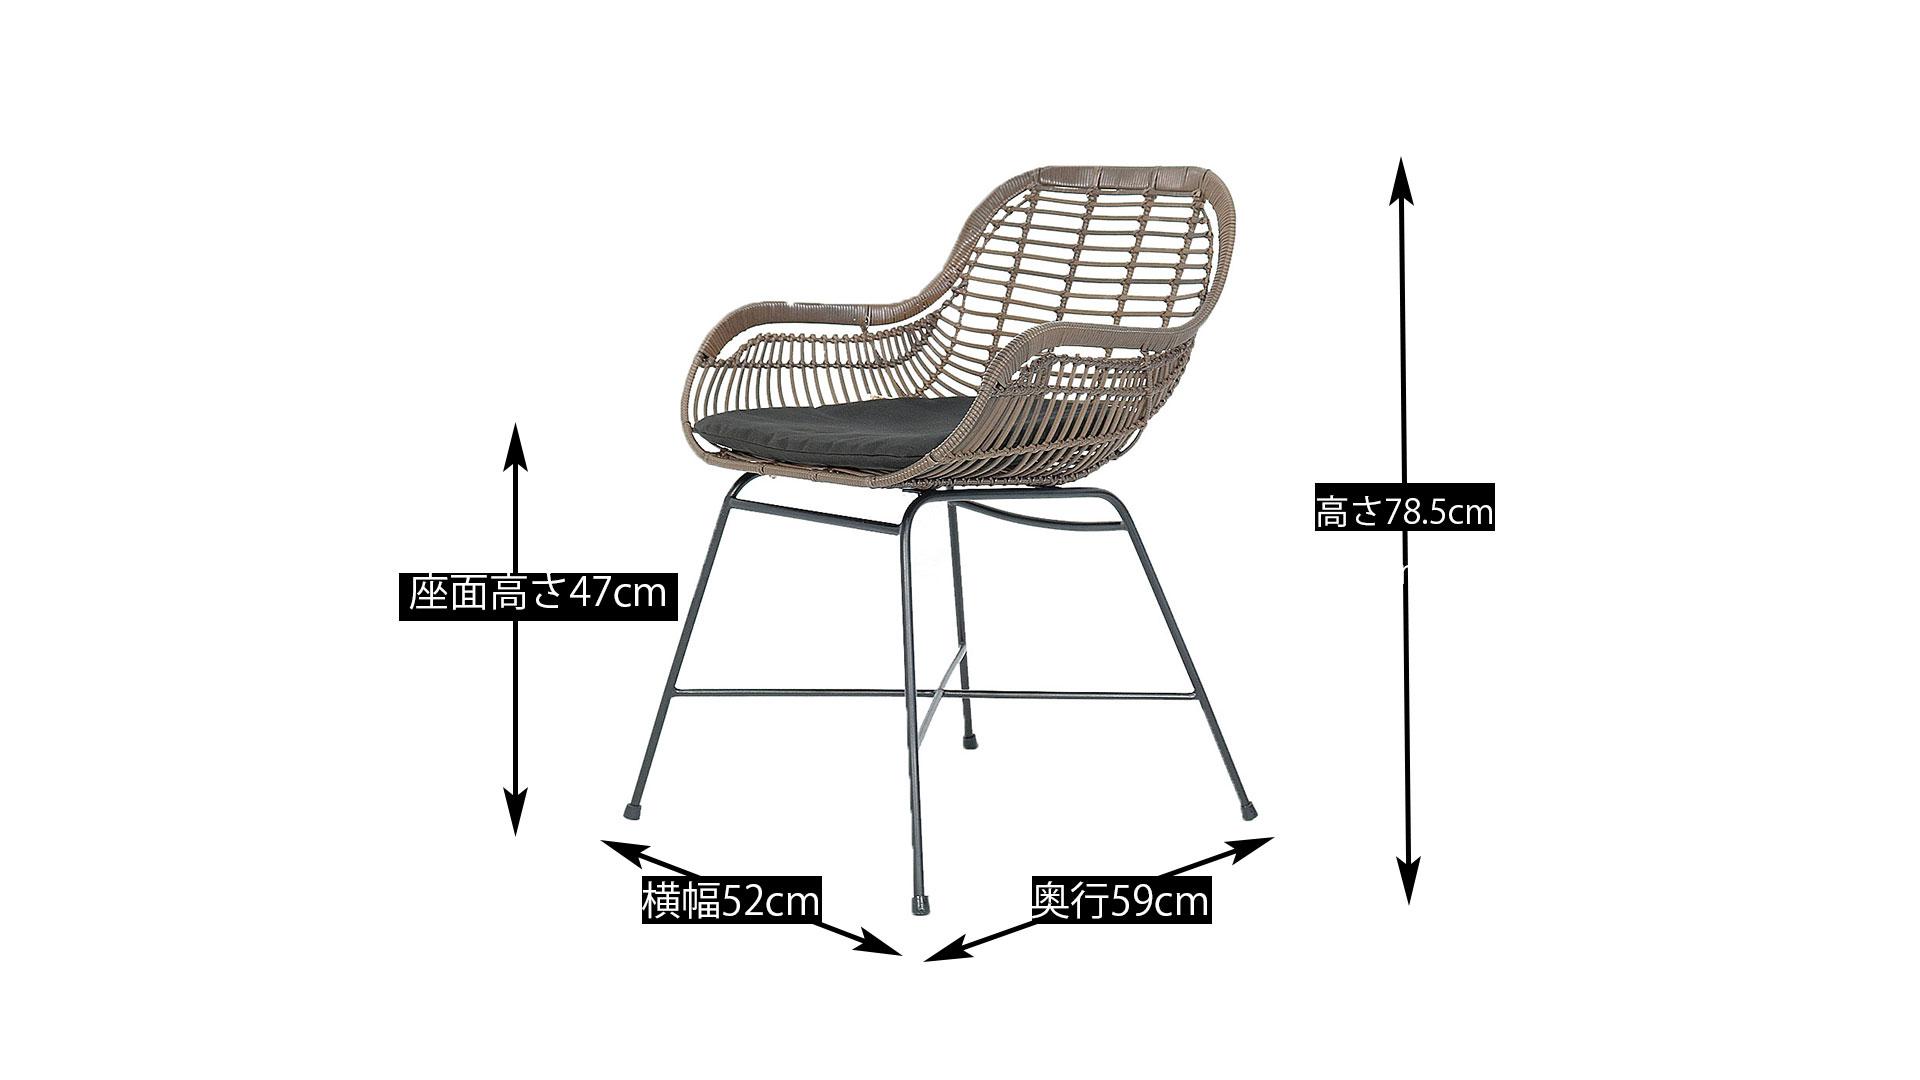 屋外用の椅子。アウトドアインテリアのガーデンファニチャーのサイズの画像